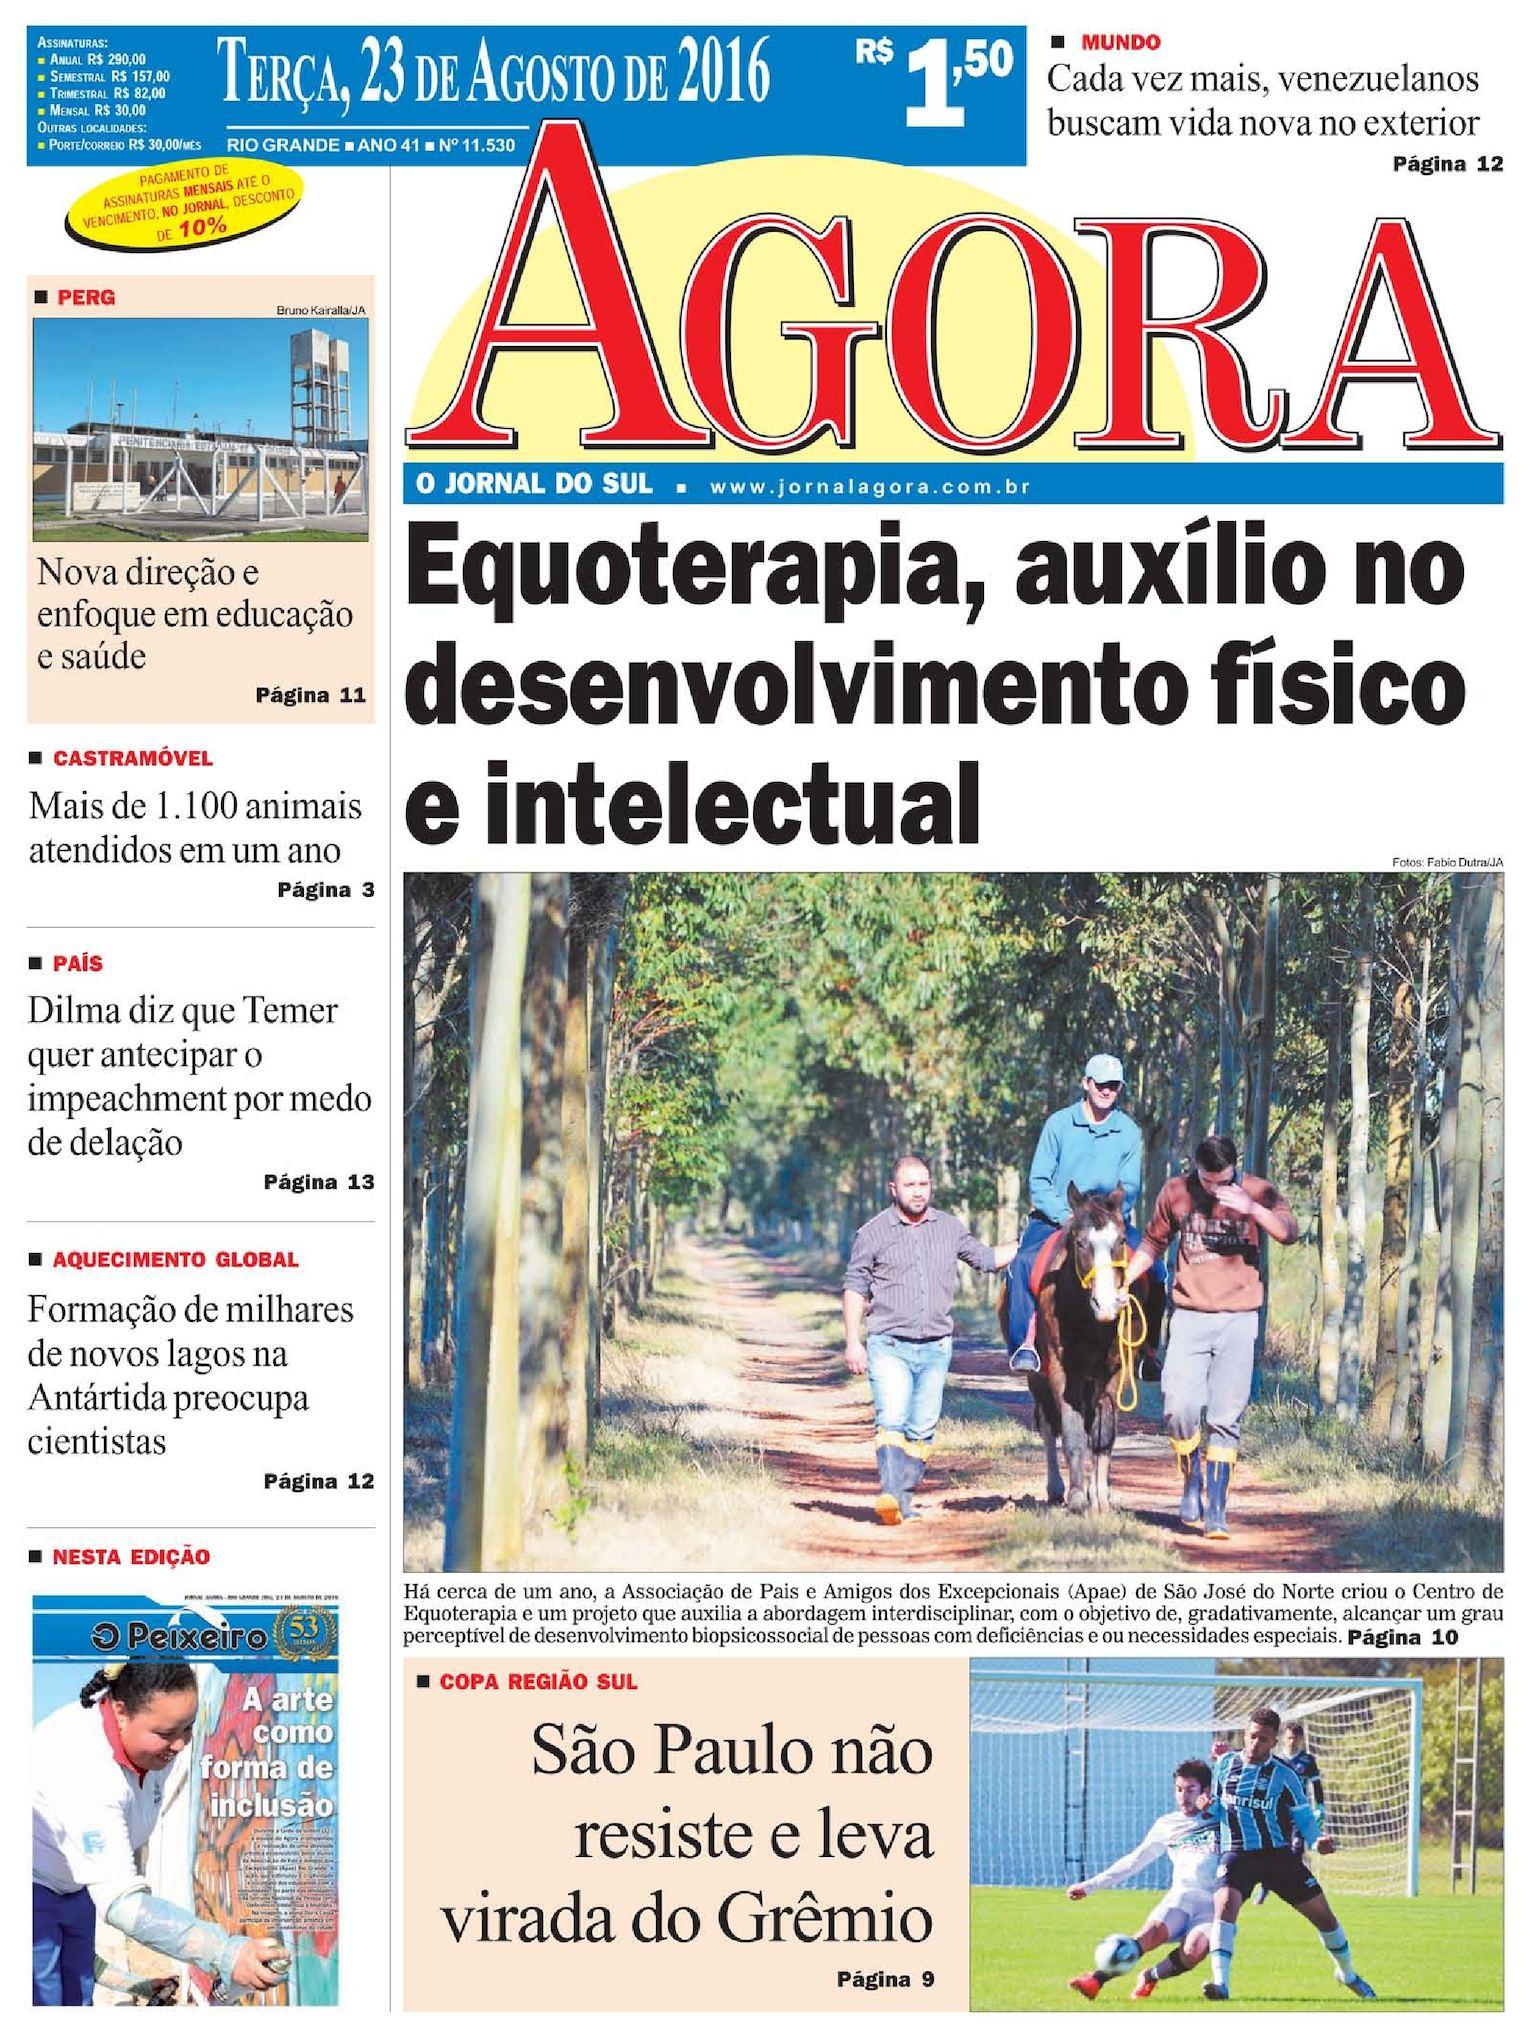 Calaméo - Jornal Agora - Edição 11530 - 23 de Agosto de 2016 2694265f121